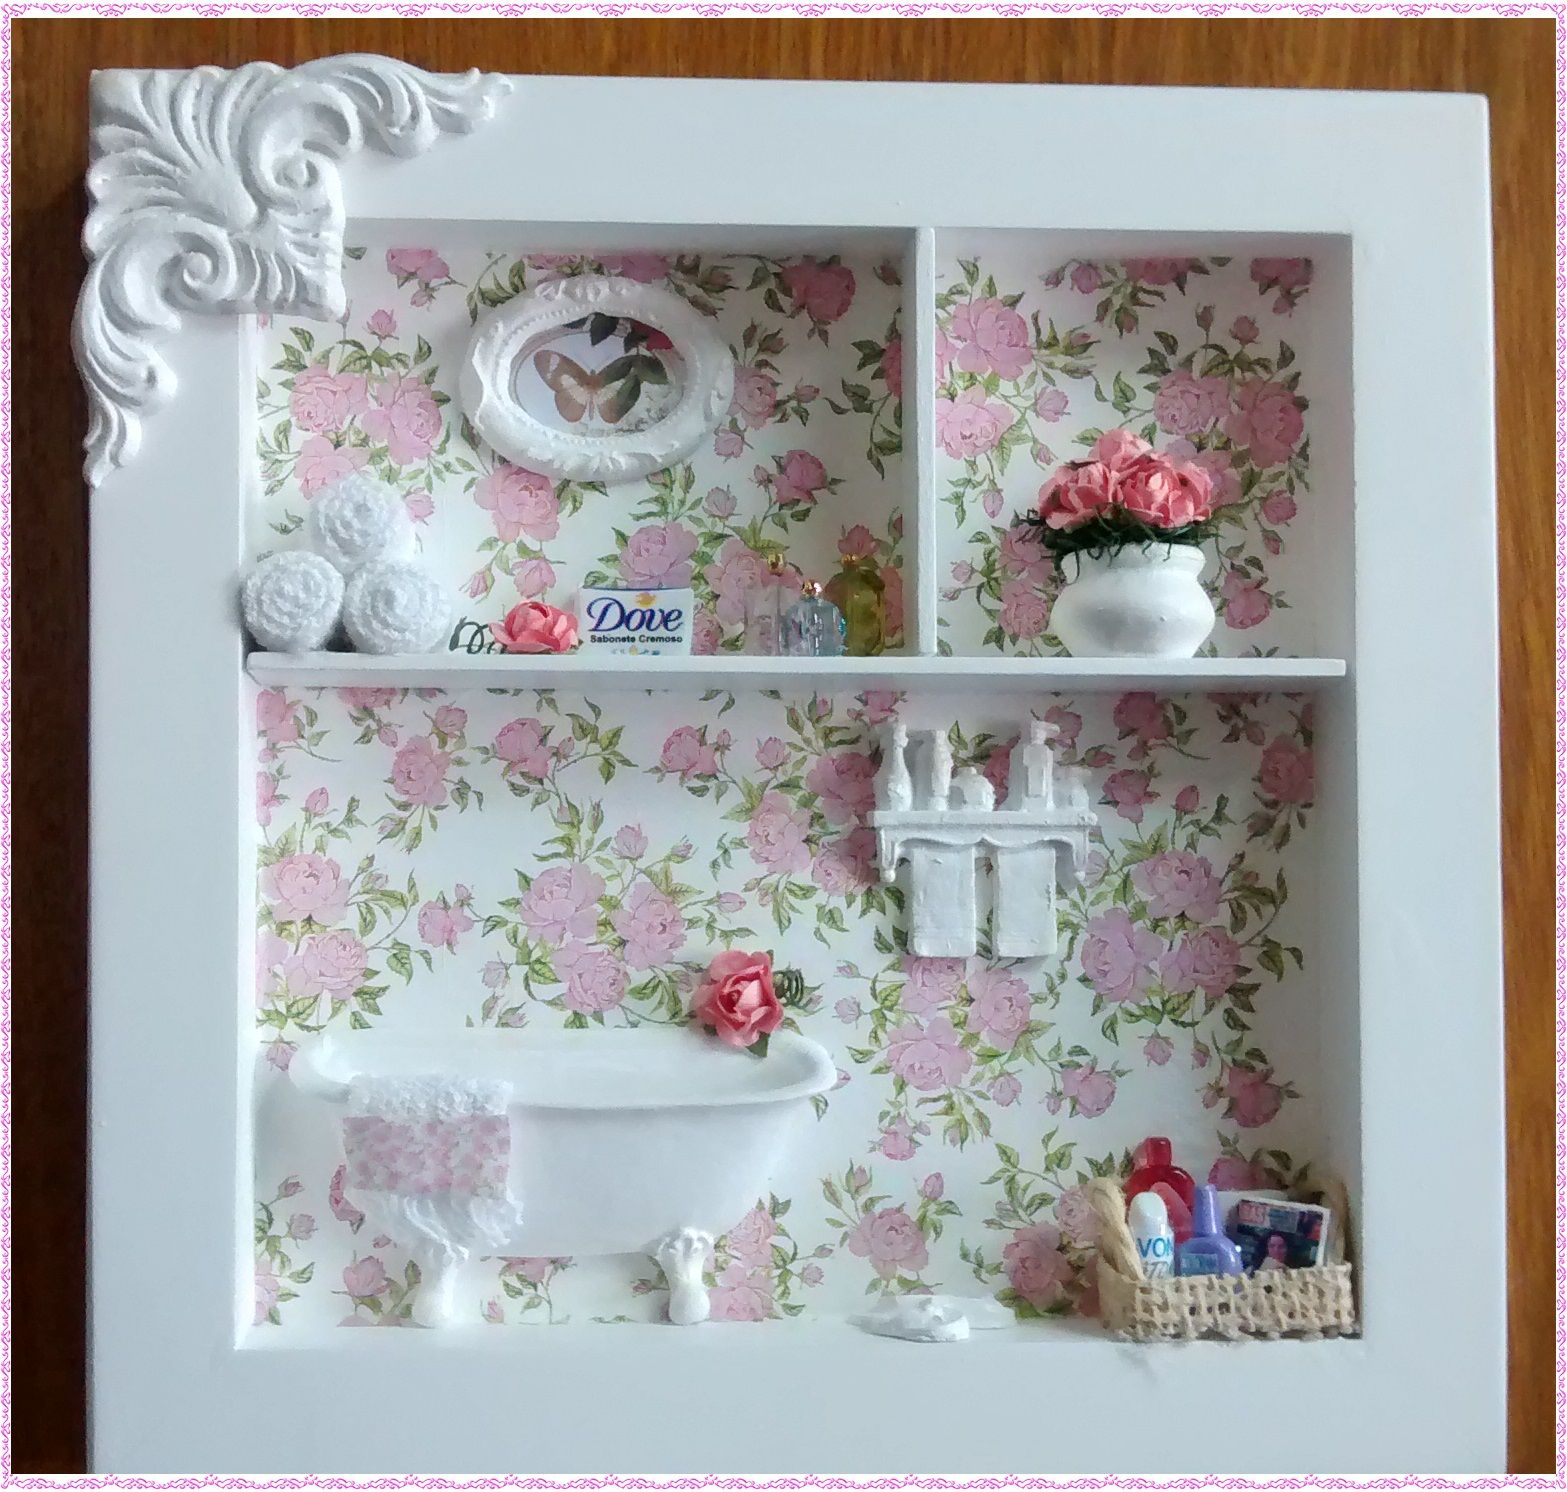 cenario banheiro